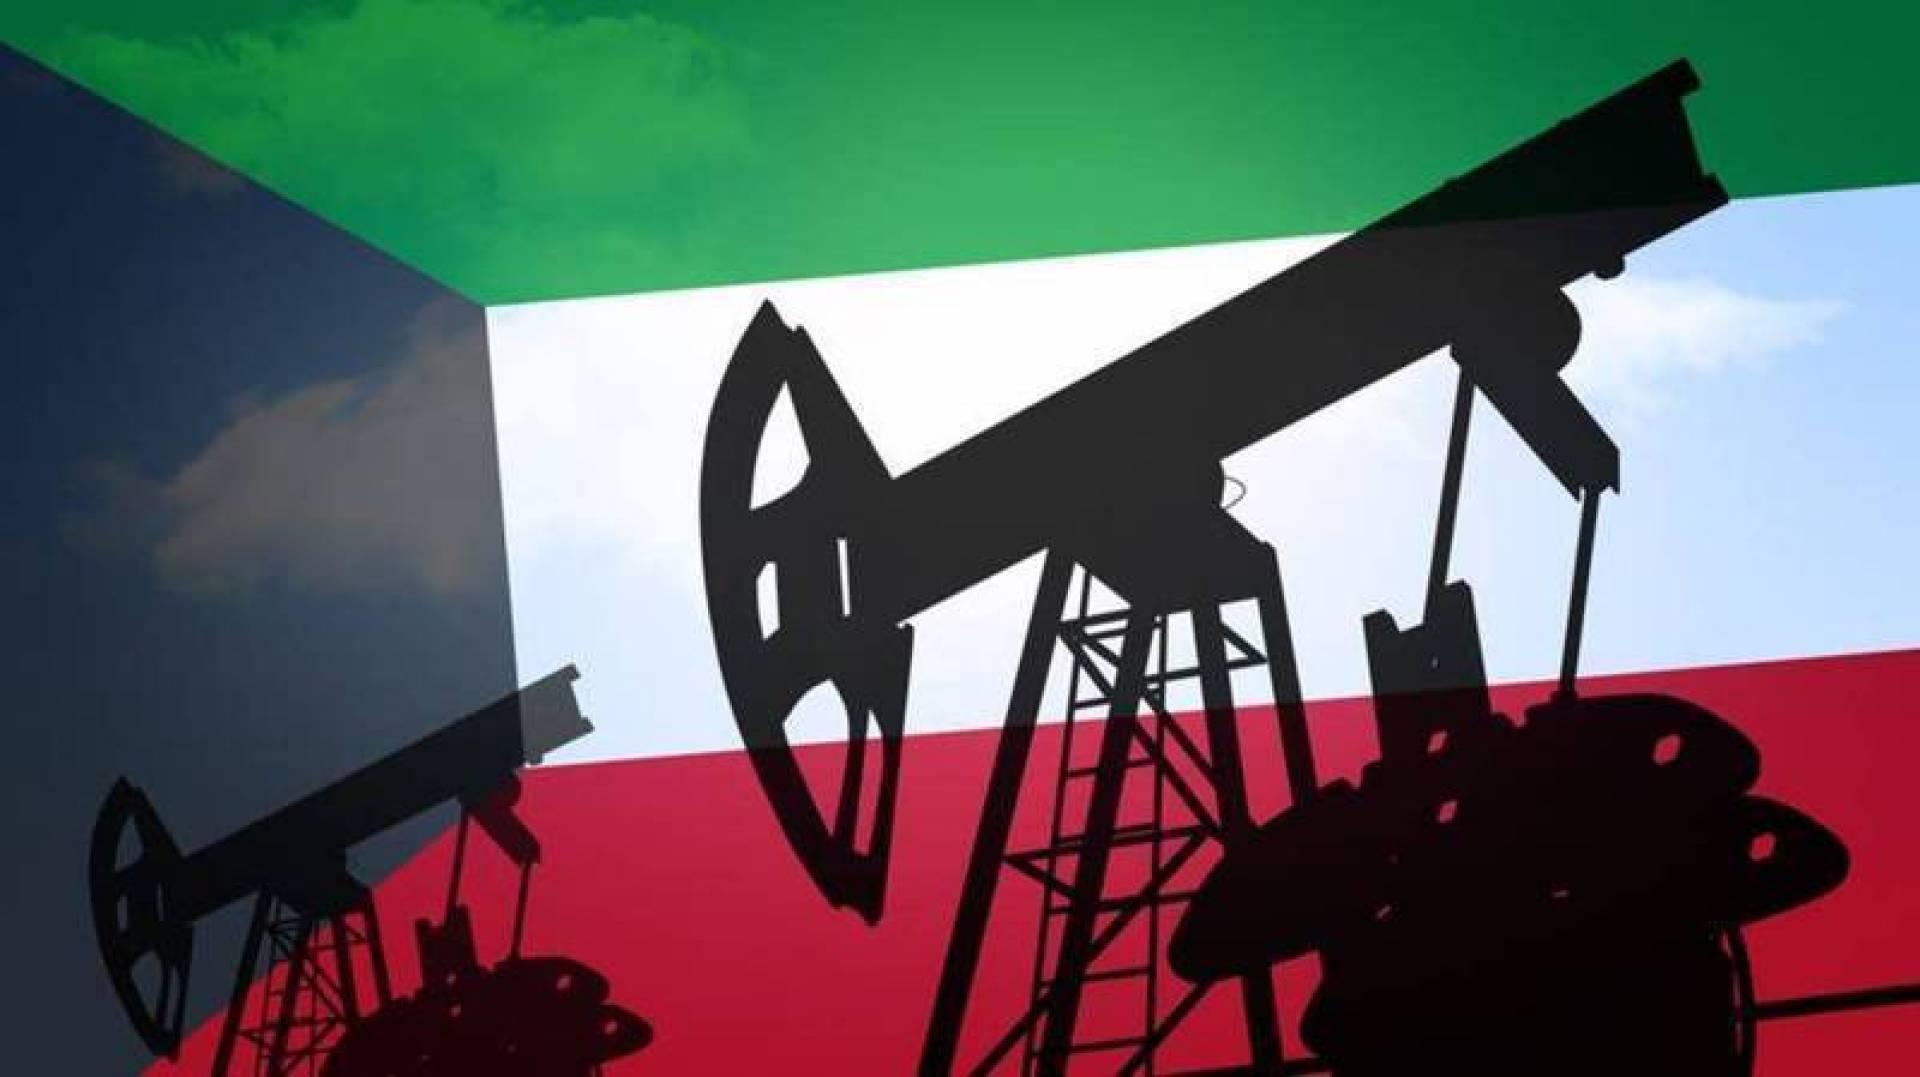 النفط الكويتي ينخفض 31 سنتاً ليبلغ 55.61 دولار للبرميل